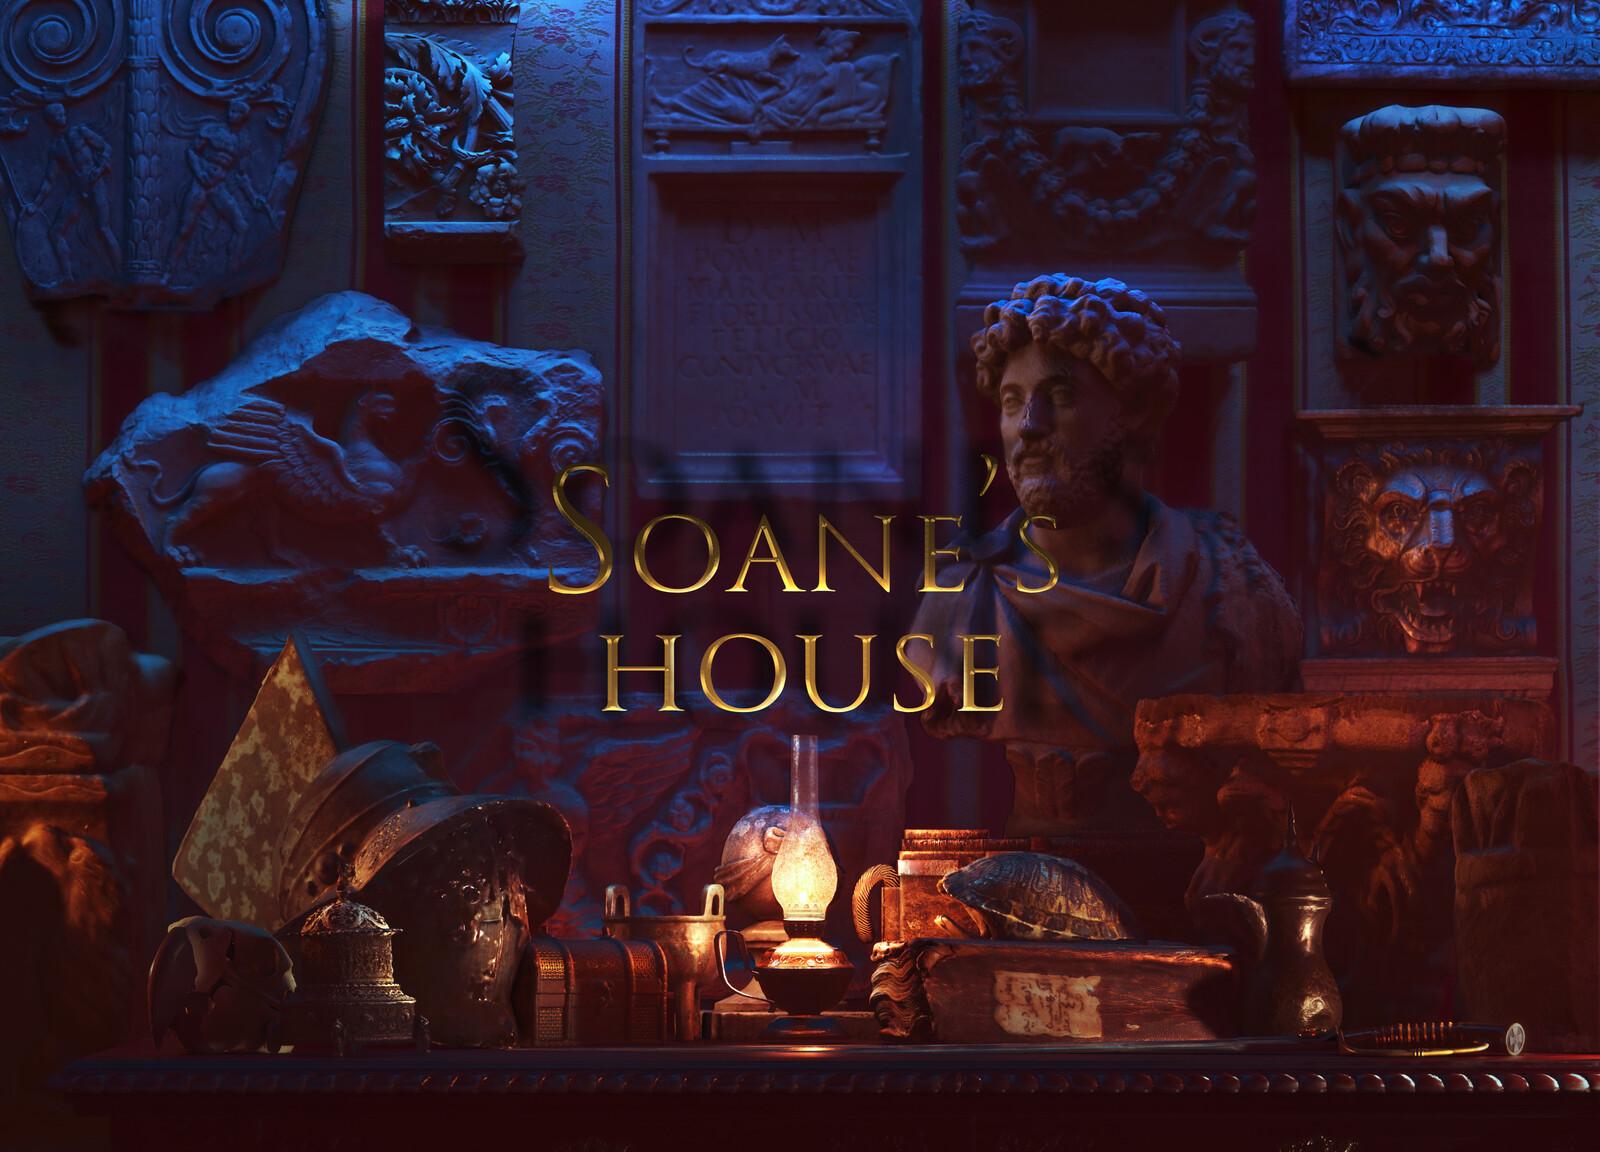 Soane's House